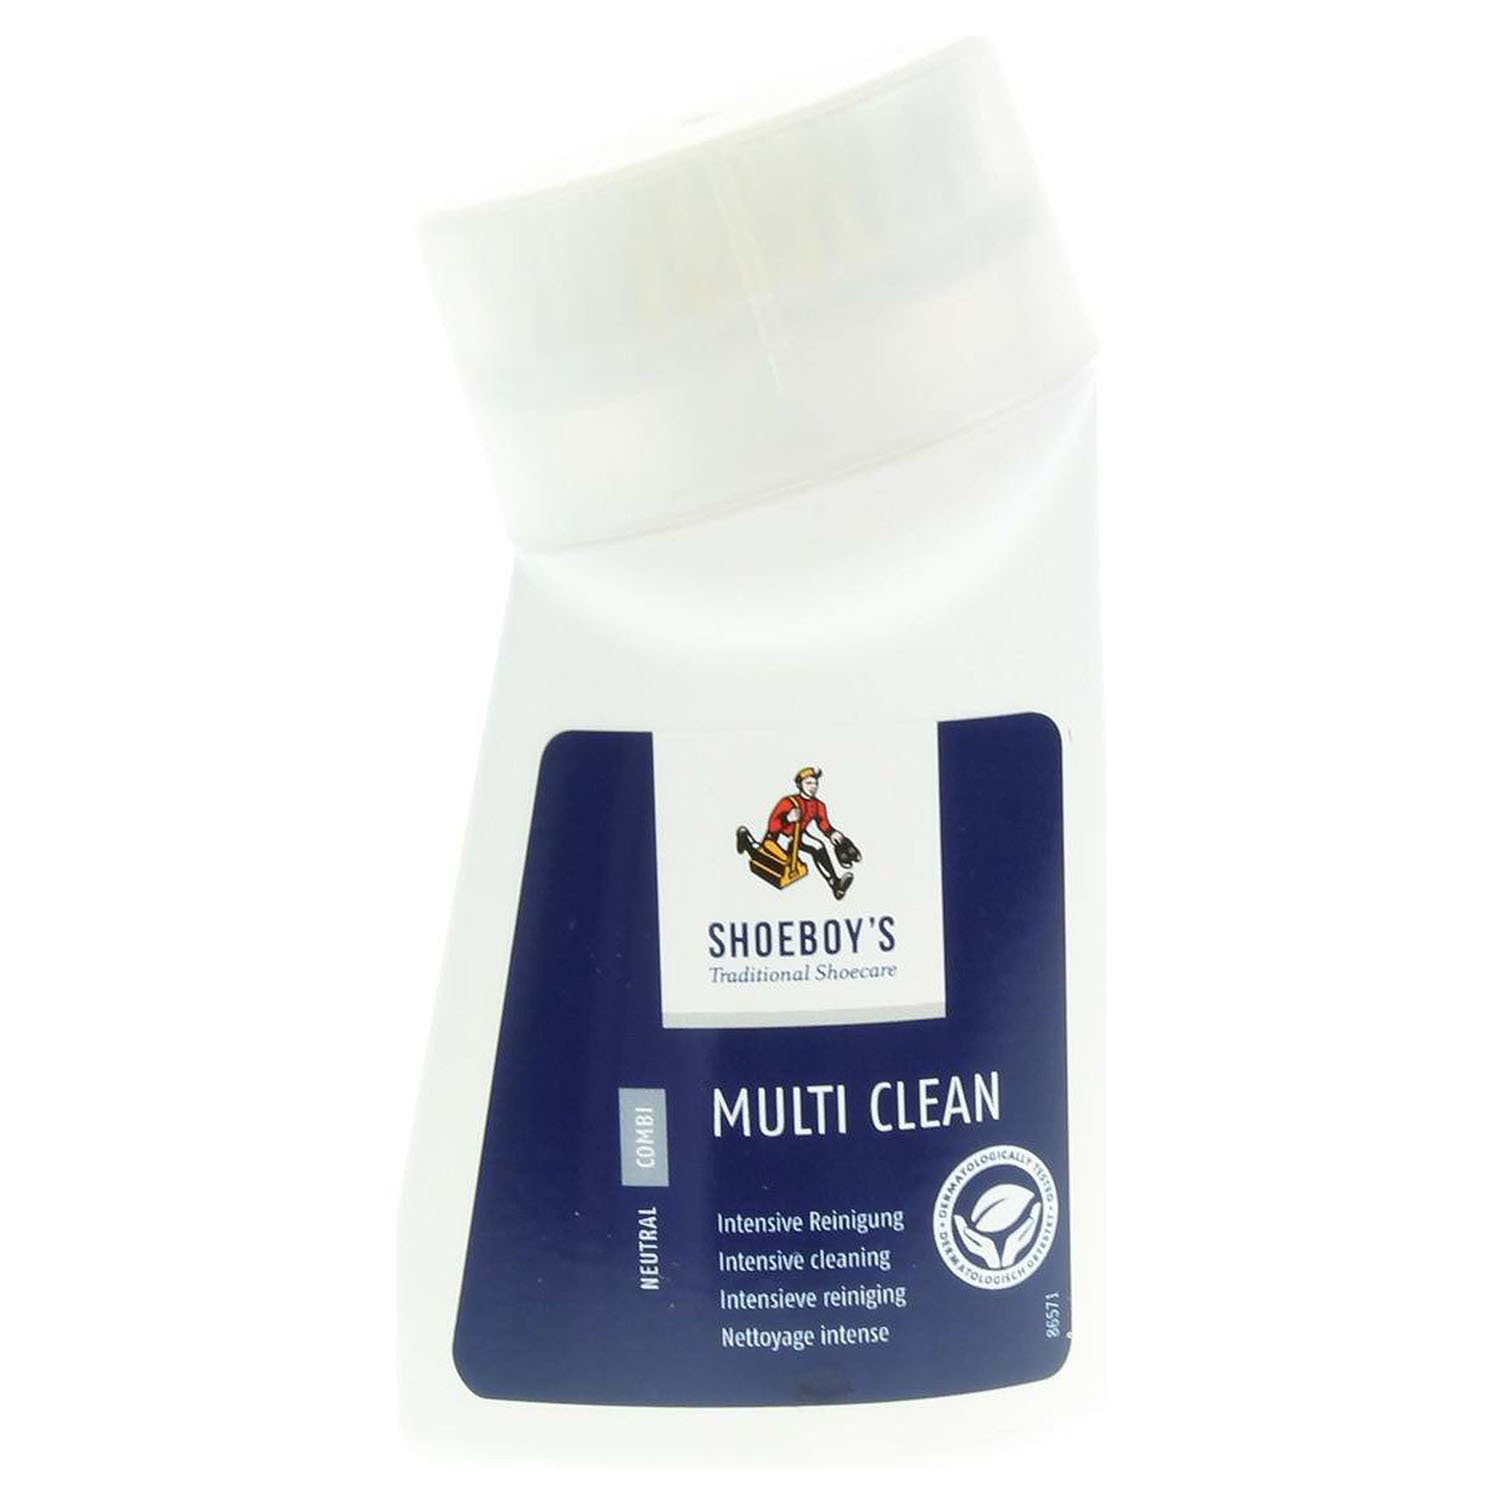 Shoeboy´s Multi Clean čistící prostředek Shoeboy´s Multi Clean 0309